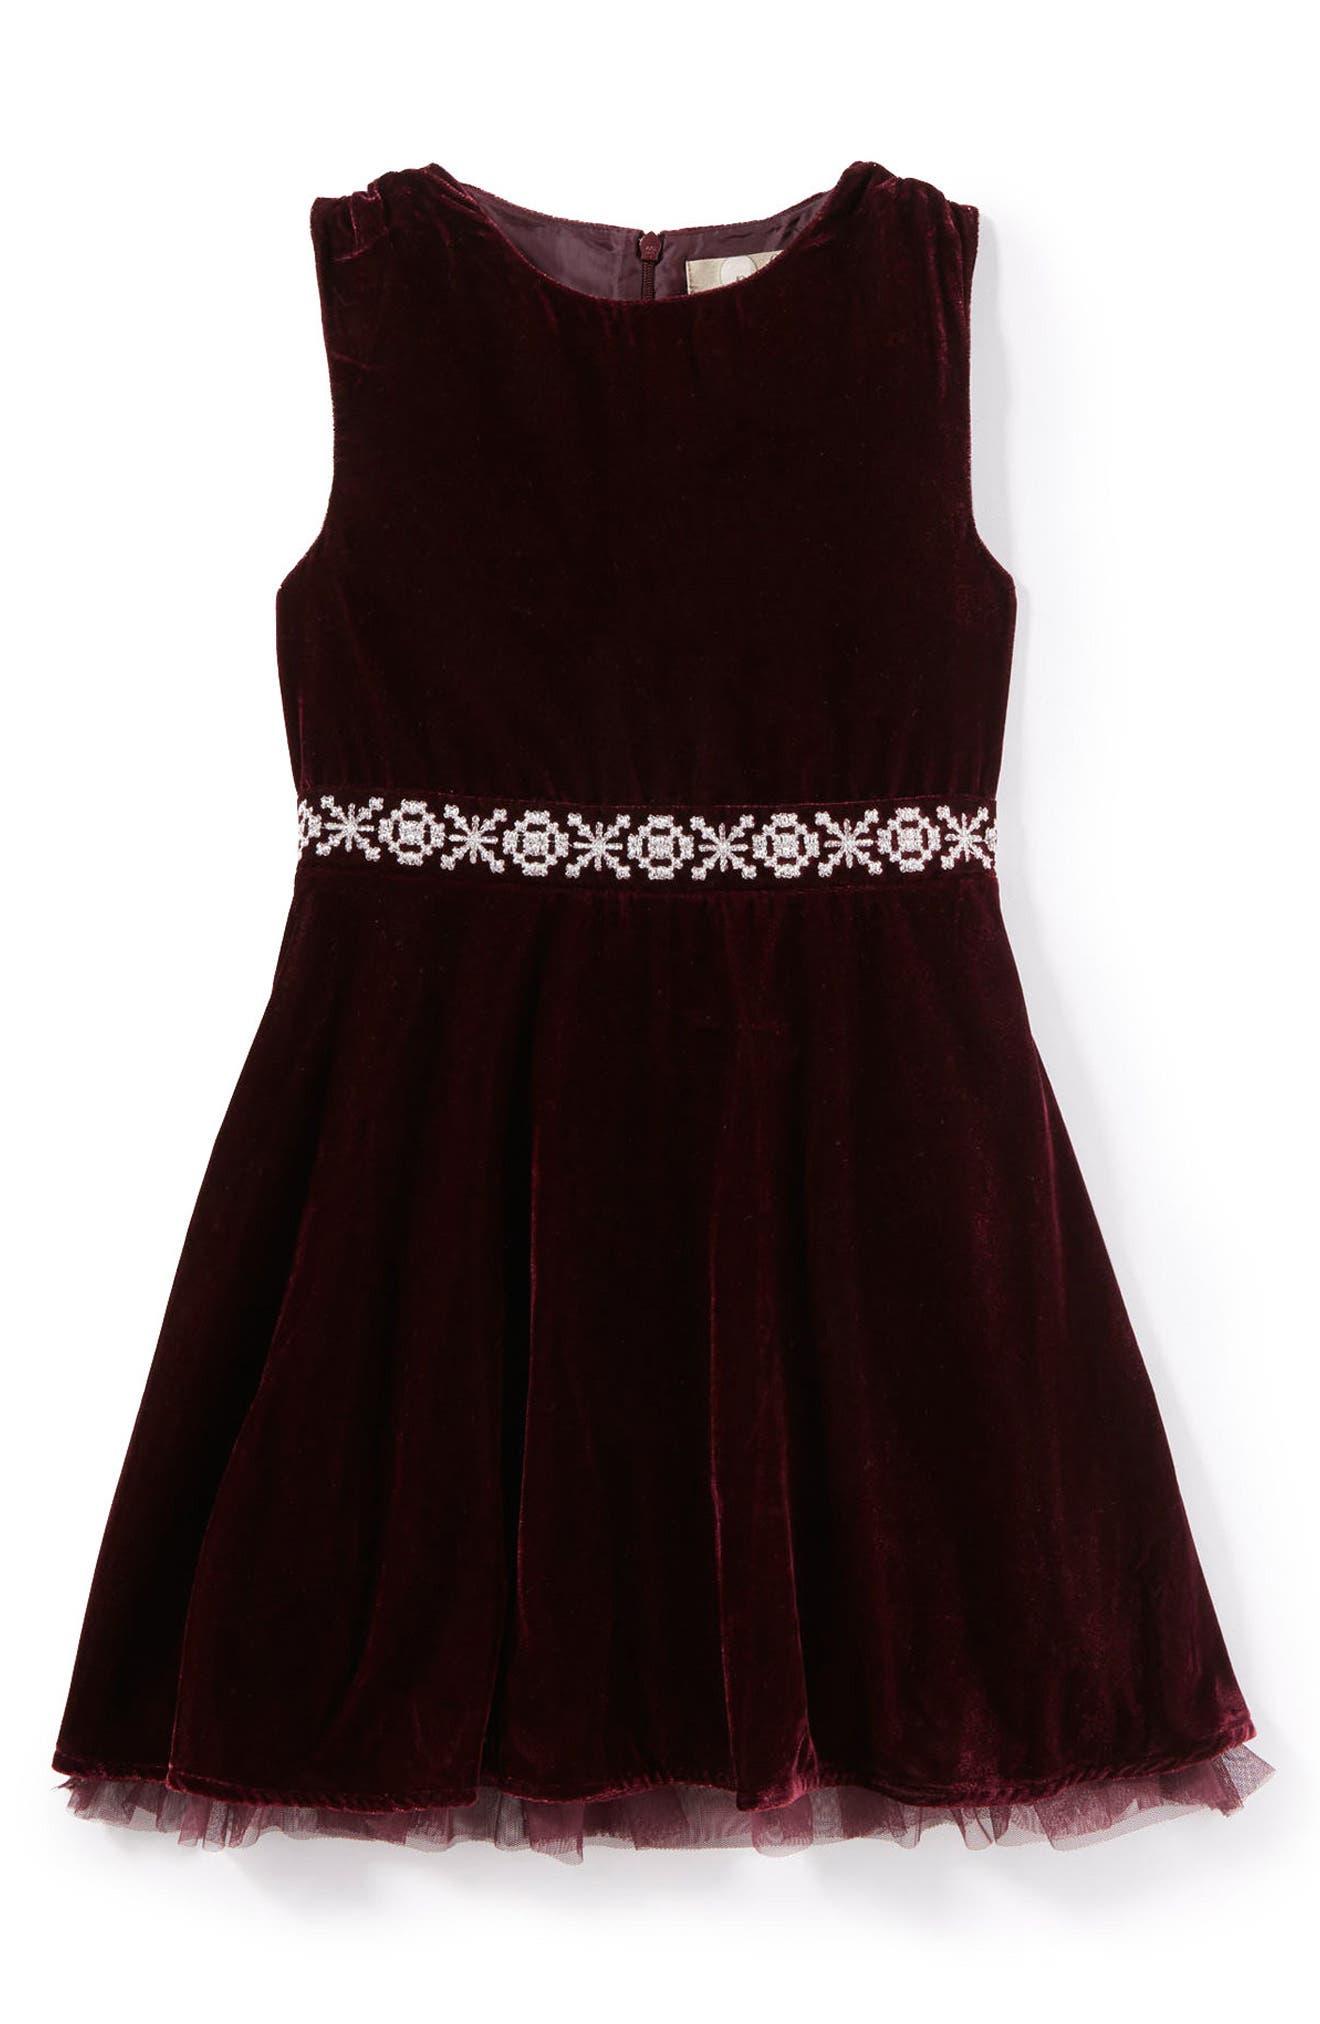 Vera Embroidered Snowflake Velvet Dress,                             Main thumbnail 1, color,                             Burgundy